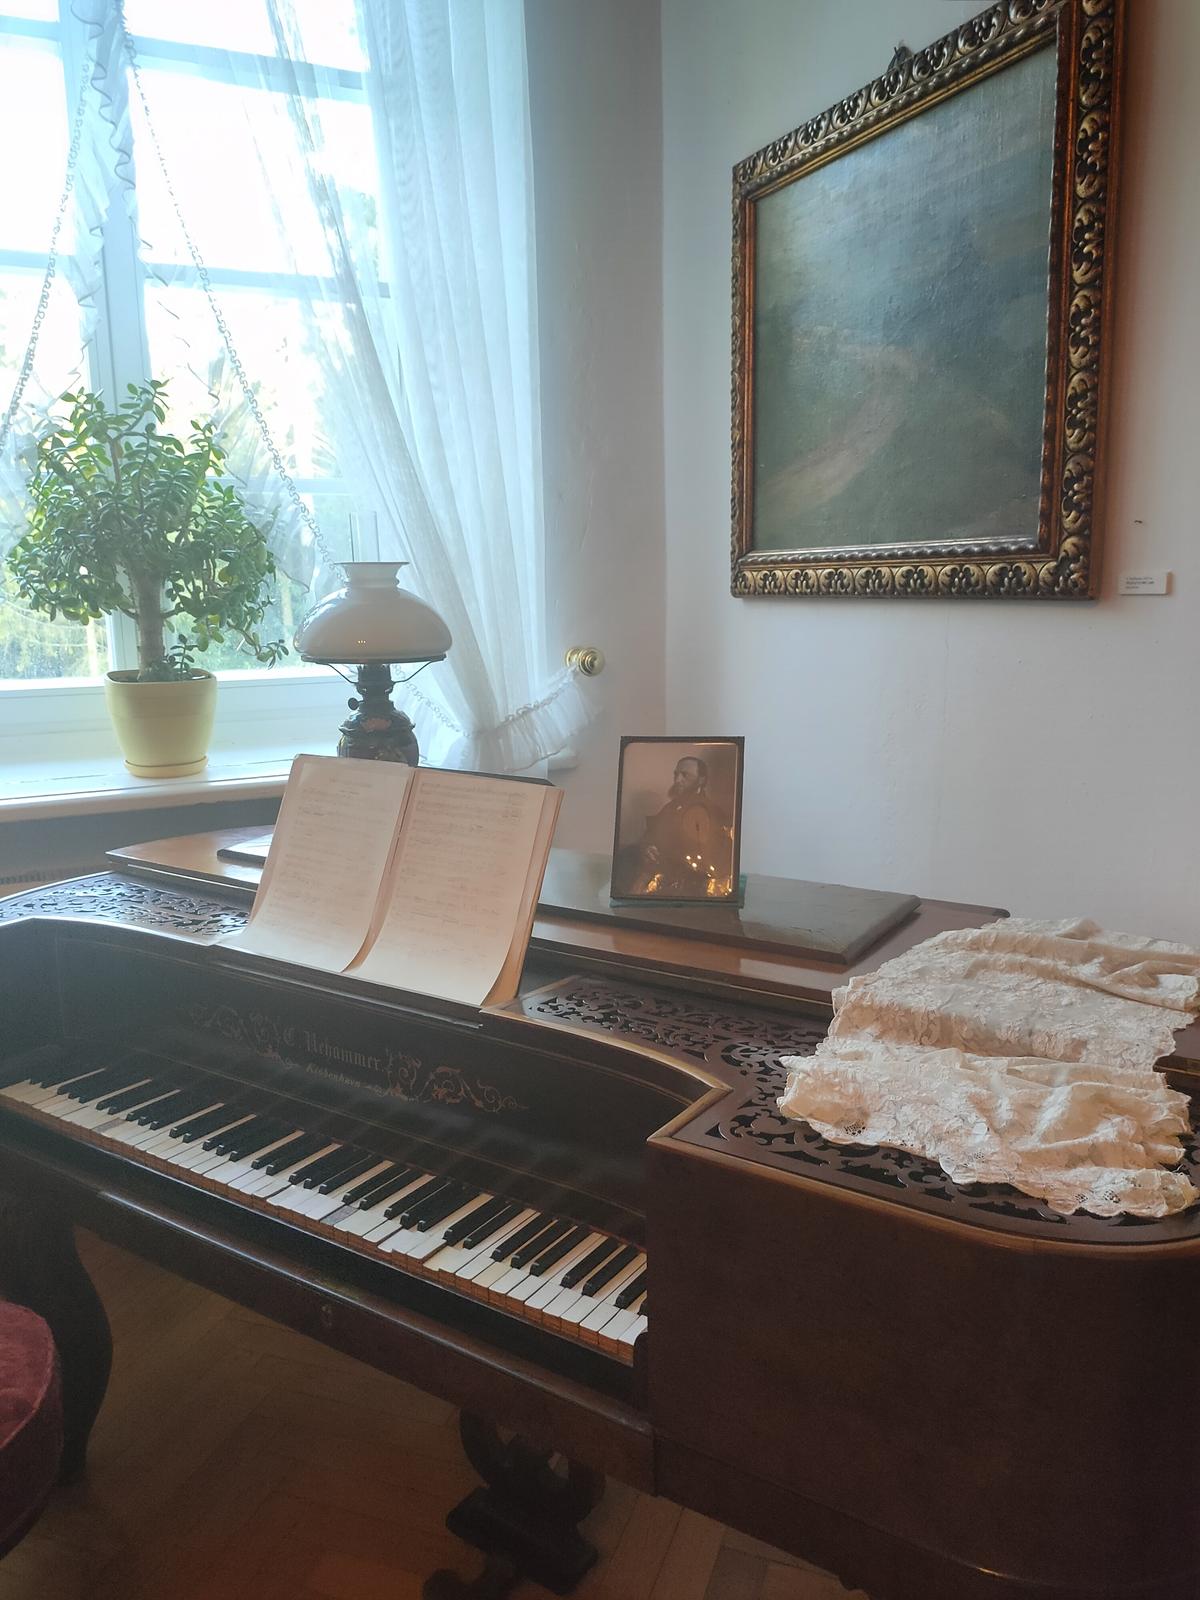 muzeum józefa ignacego kraszewskiego